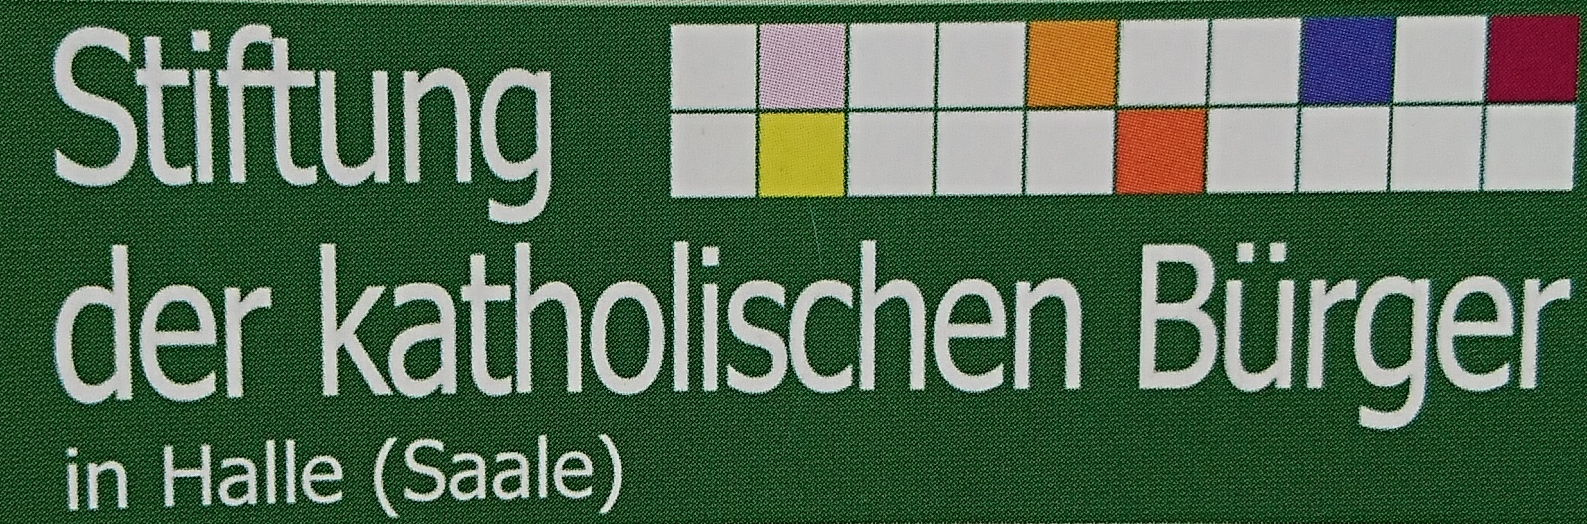 Logo der Stiftung katholischer Bürger Halle